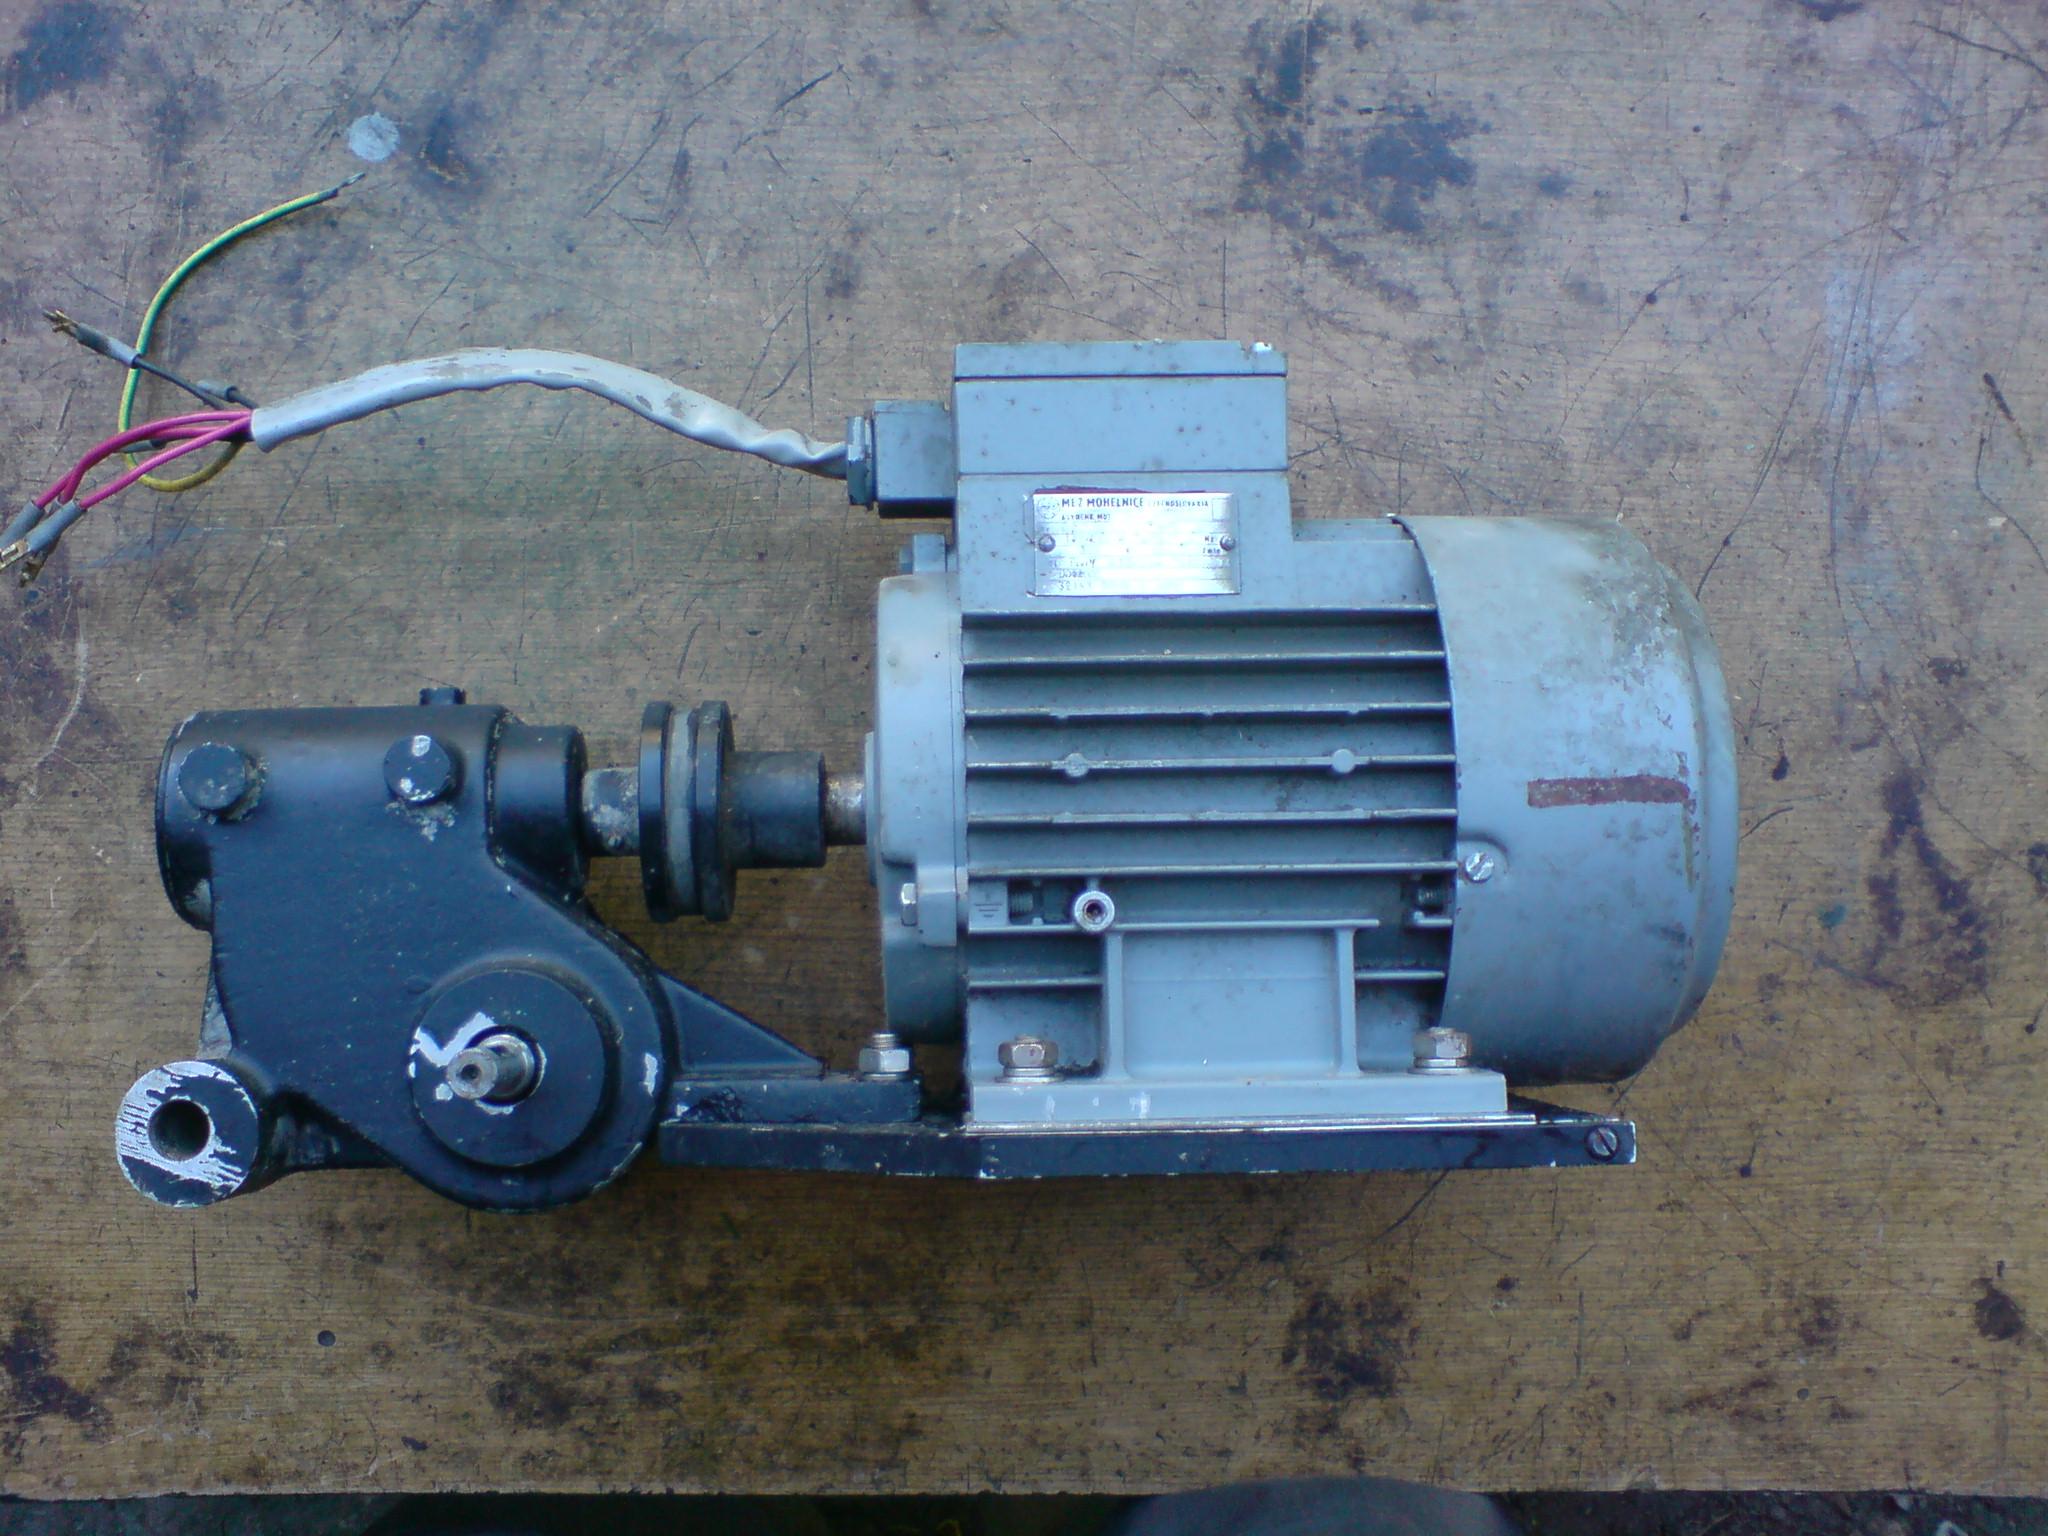 [Sprzedam] Silnik elektryczny 3f 380V z przek�adni� 30:1